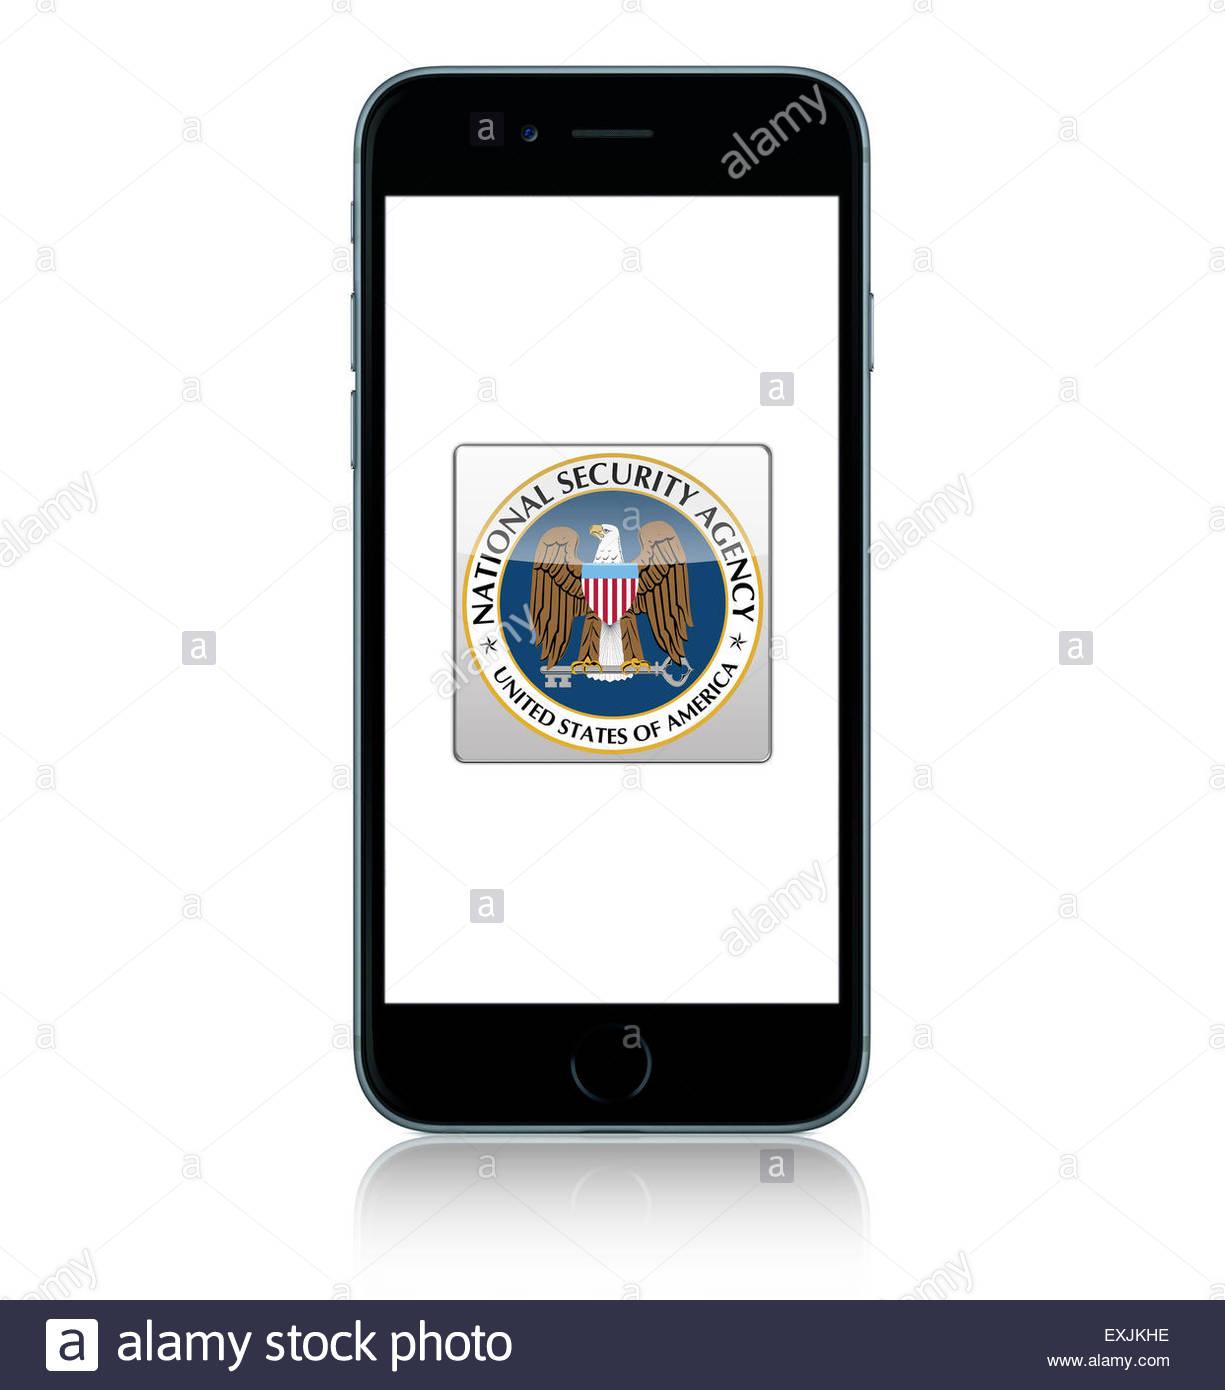 NSA app icon logo - Stock Image